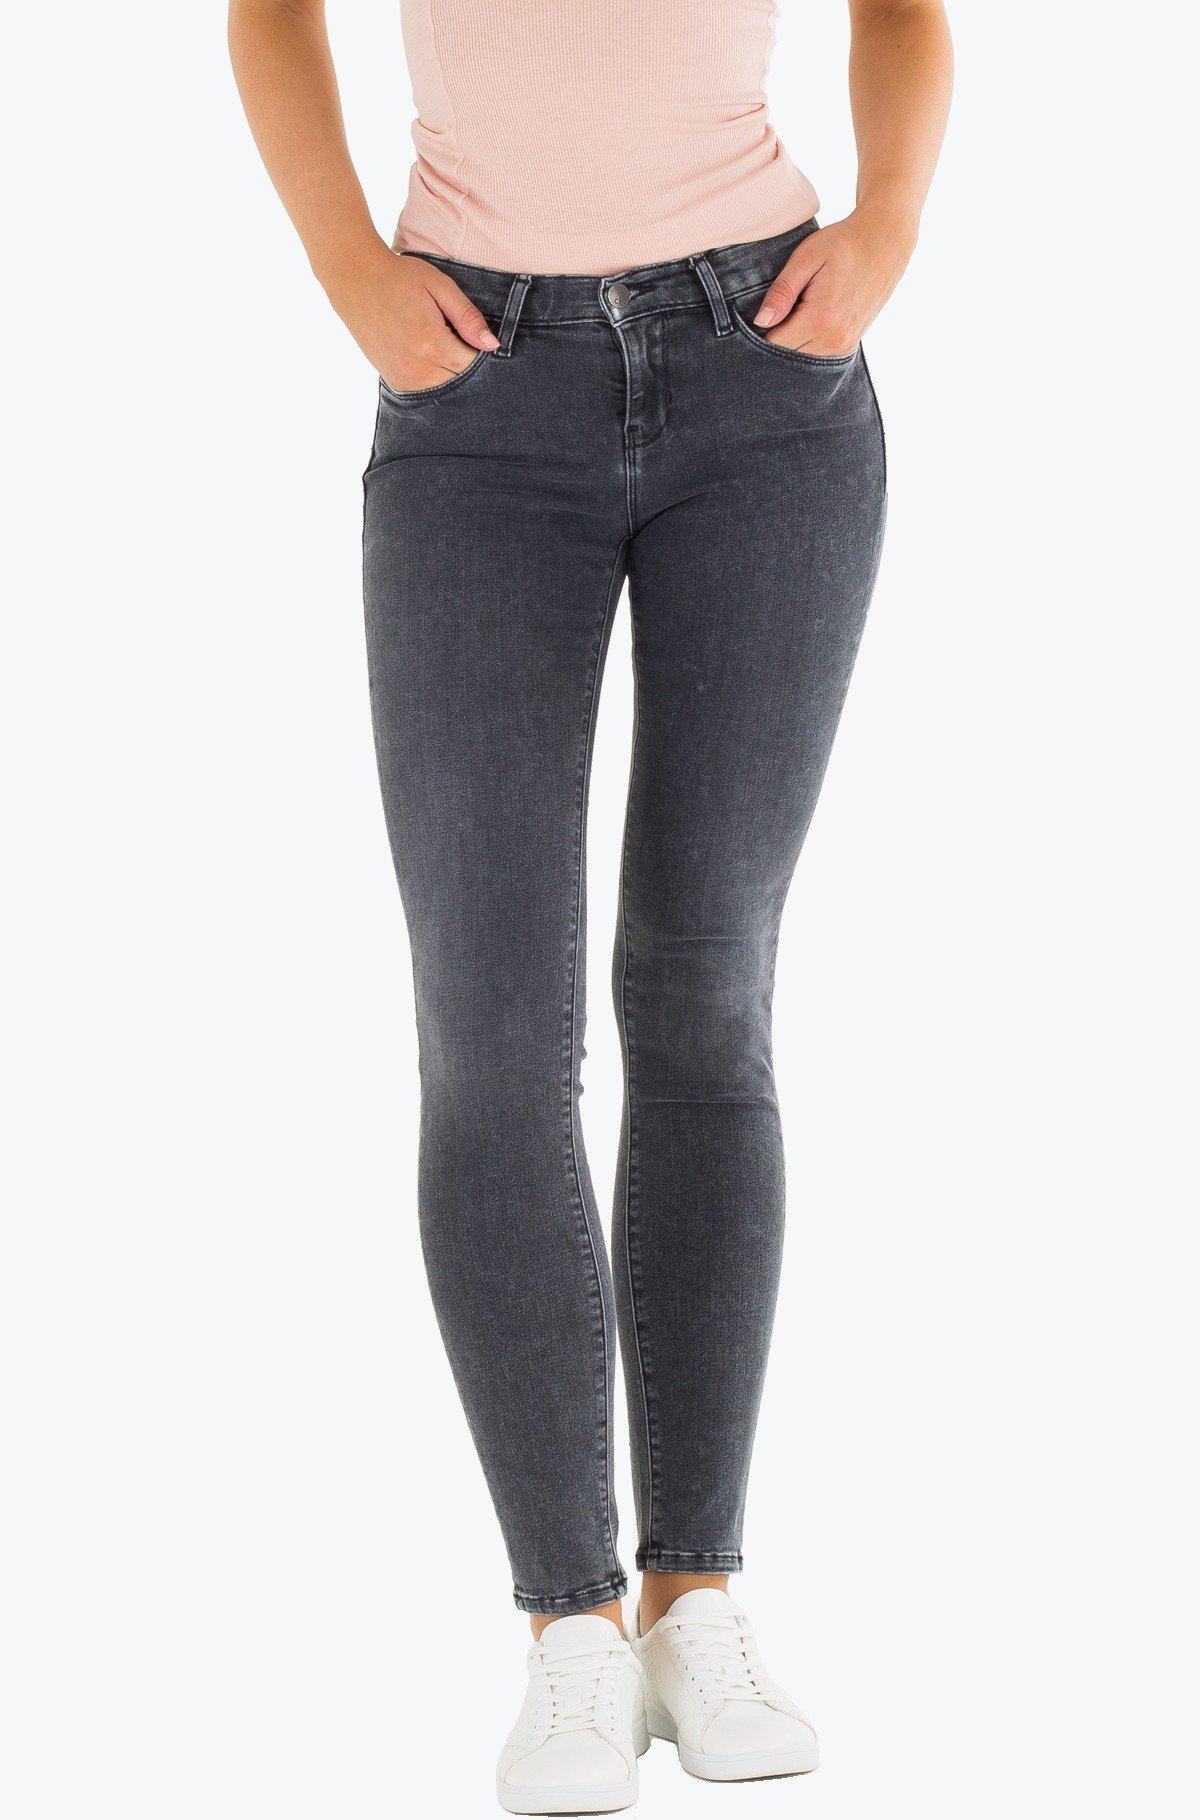 Jeans Mid Rise Skinny - Volcano-full-1